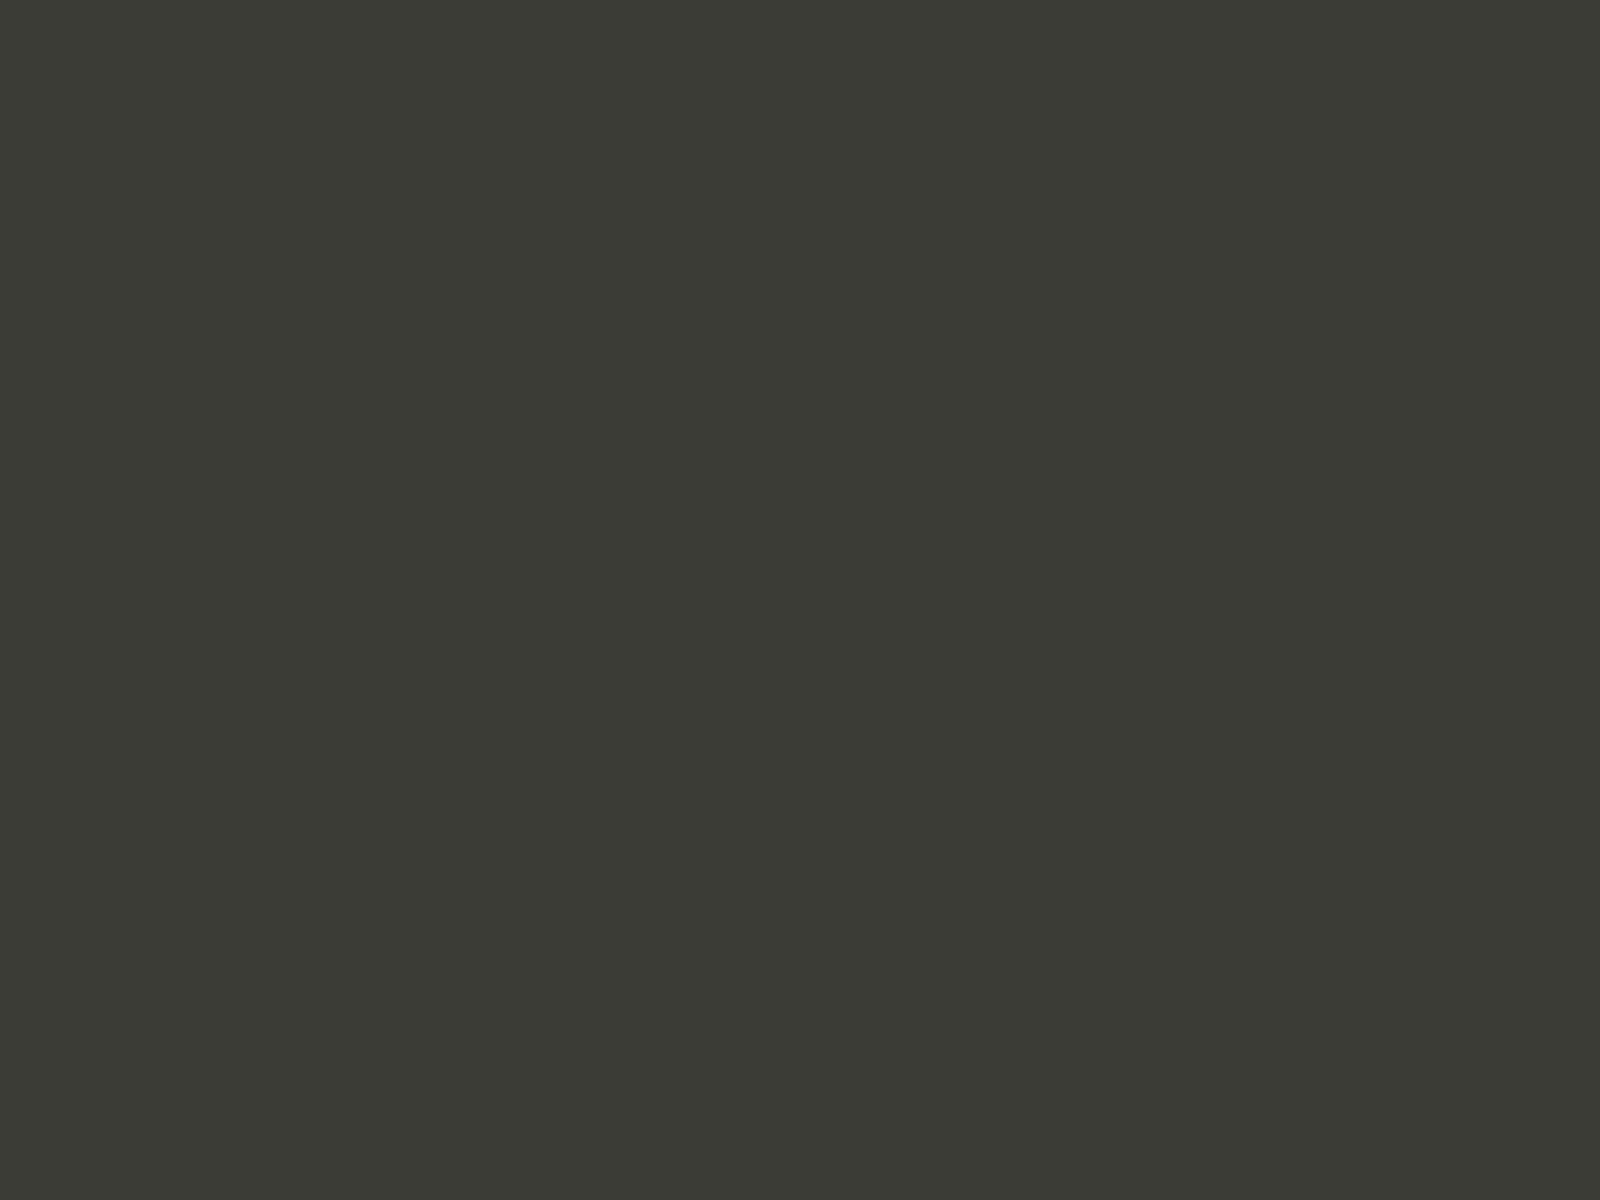 1600x1200 Black Olive Solid Color Background